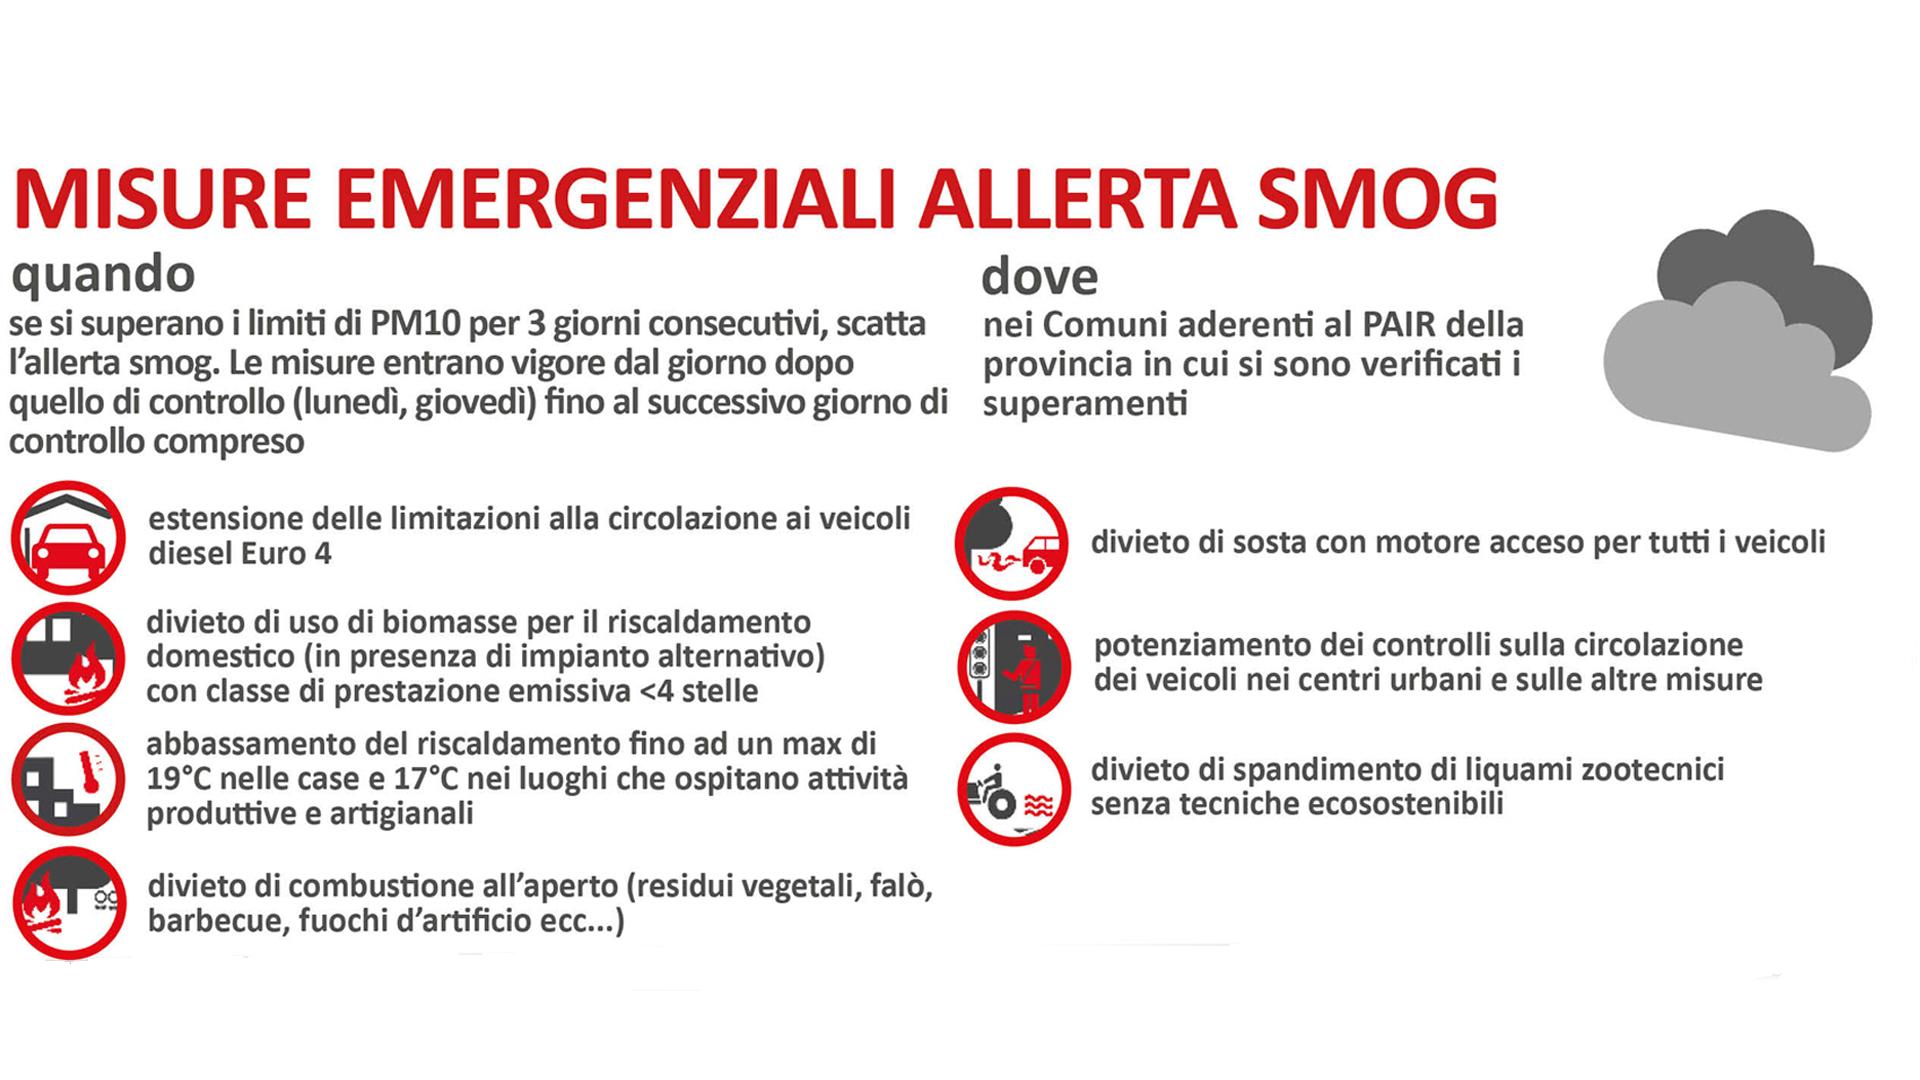 Smog, superati i limiti di PM10: dal 19 al 21 febbraio compreso scattano le misure emergenziali a Bologna, Imola e nei Comuni dell'agglomerato